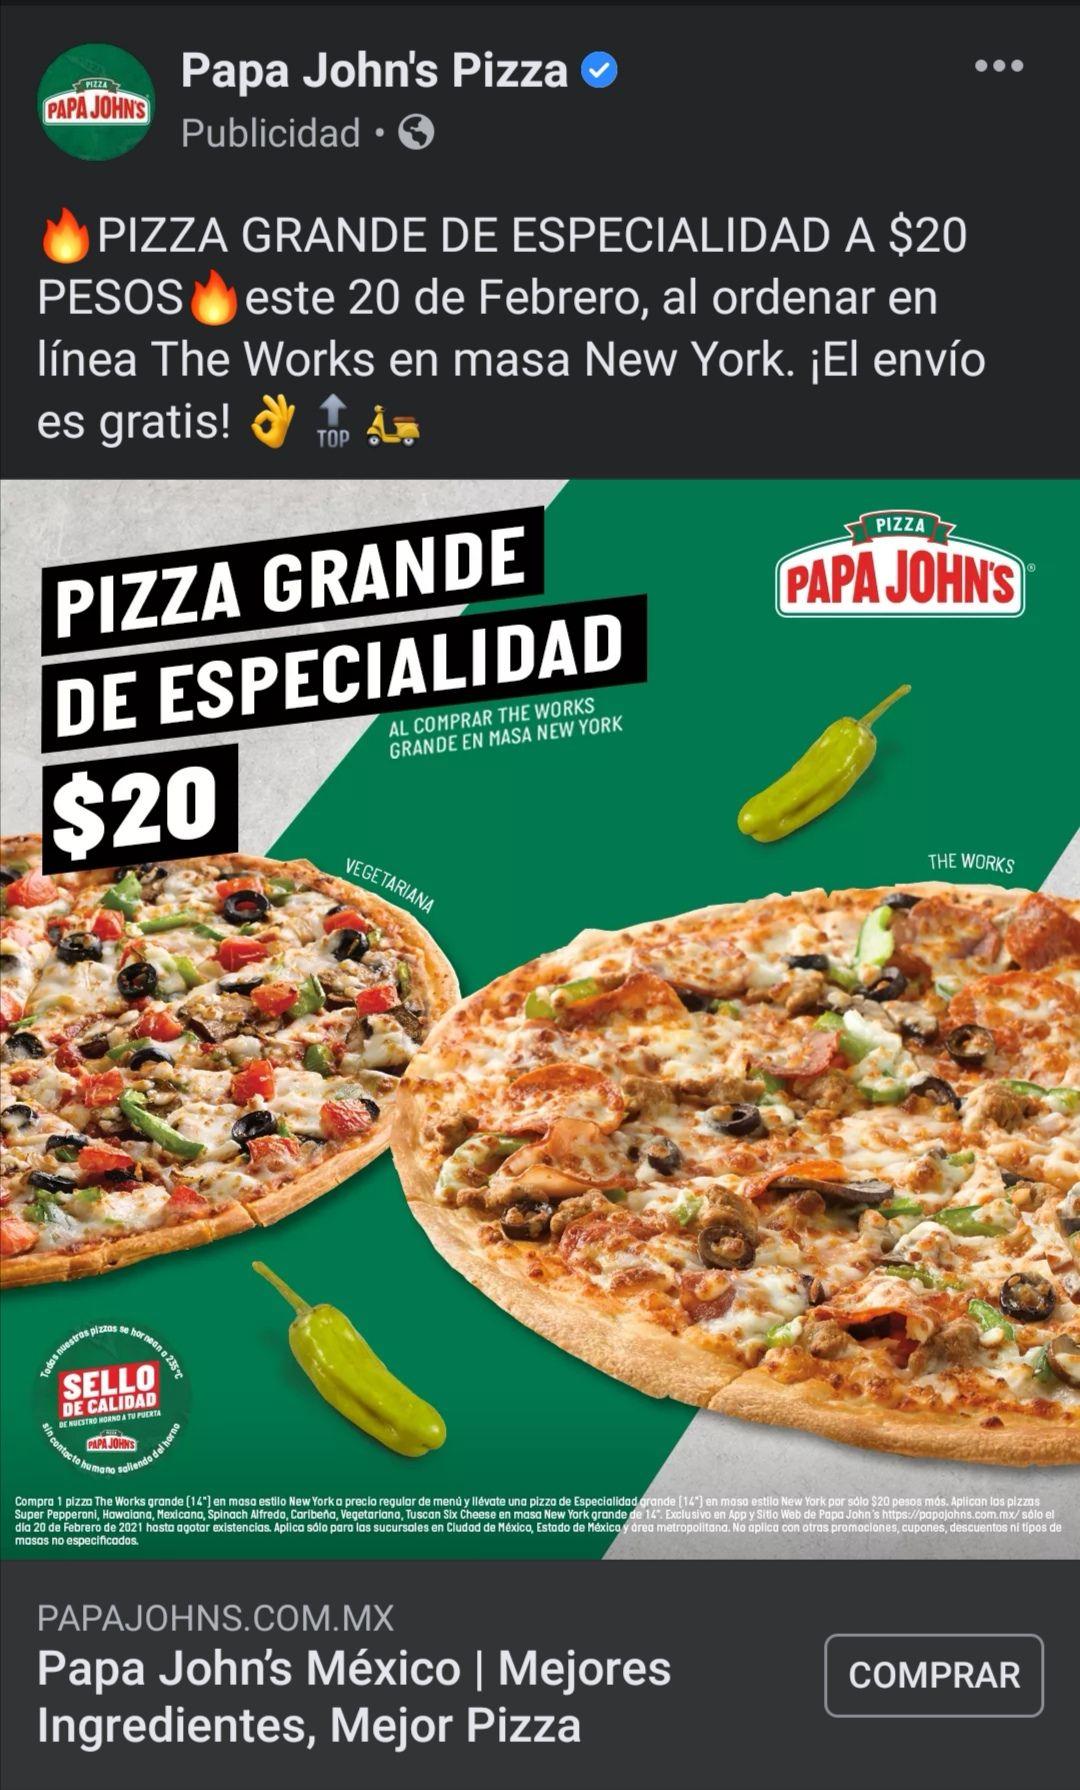 Papa John's PIZZA GRANDE DE ESPECIALIDAD A $20 PESOS este 20 de Febrero al comprar otra a precio regular